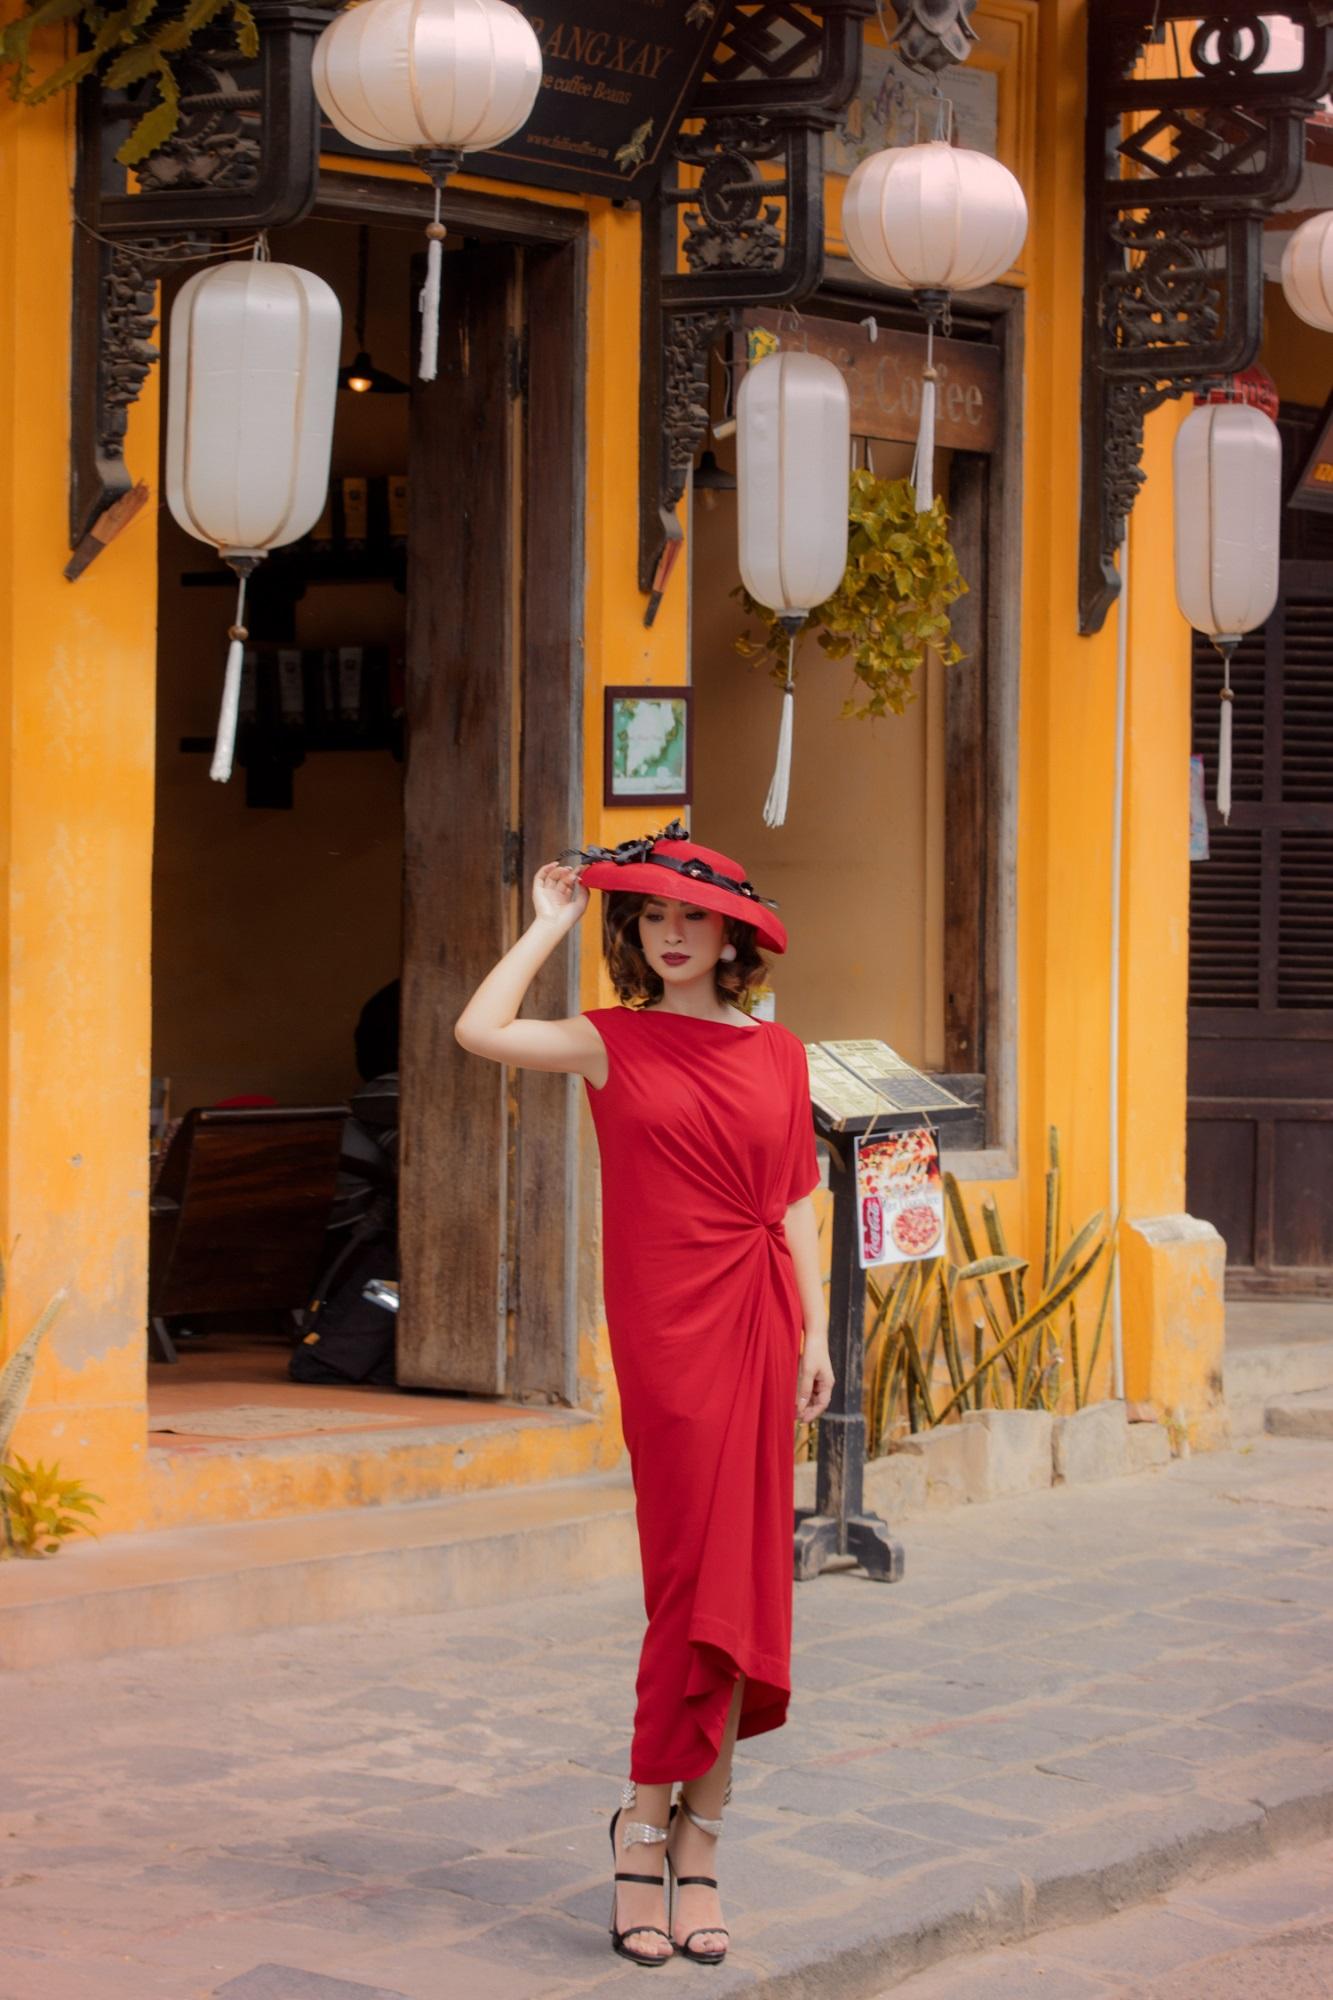 Hồng Nhung 'Sao Mai điểm hẹn': 'Tôi nuôi con không cần chồng cũ chu cấp' - Ảnh 3